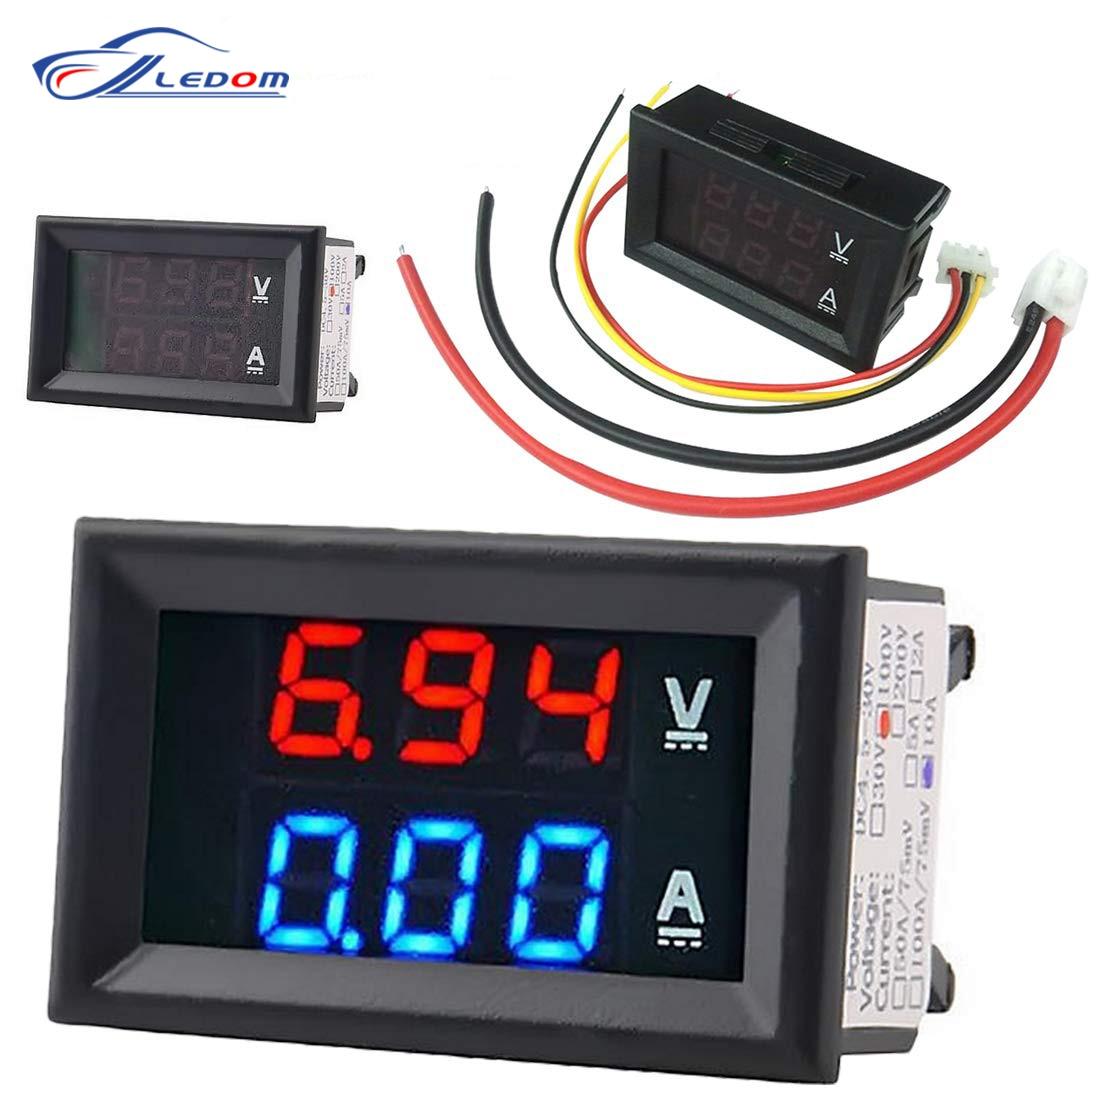 DC 100V 10A цифровой вольтметр Амперметр синий + красный светодиодный Amp двойной цифровой вольтметр Калибр вольтметр Для электромобиля или мото...